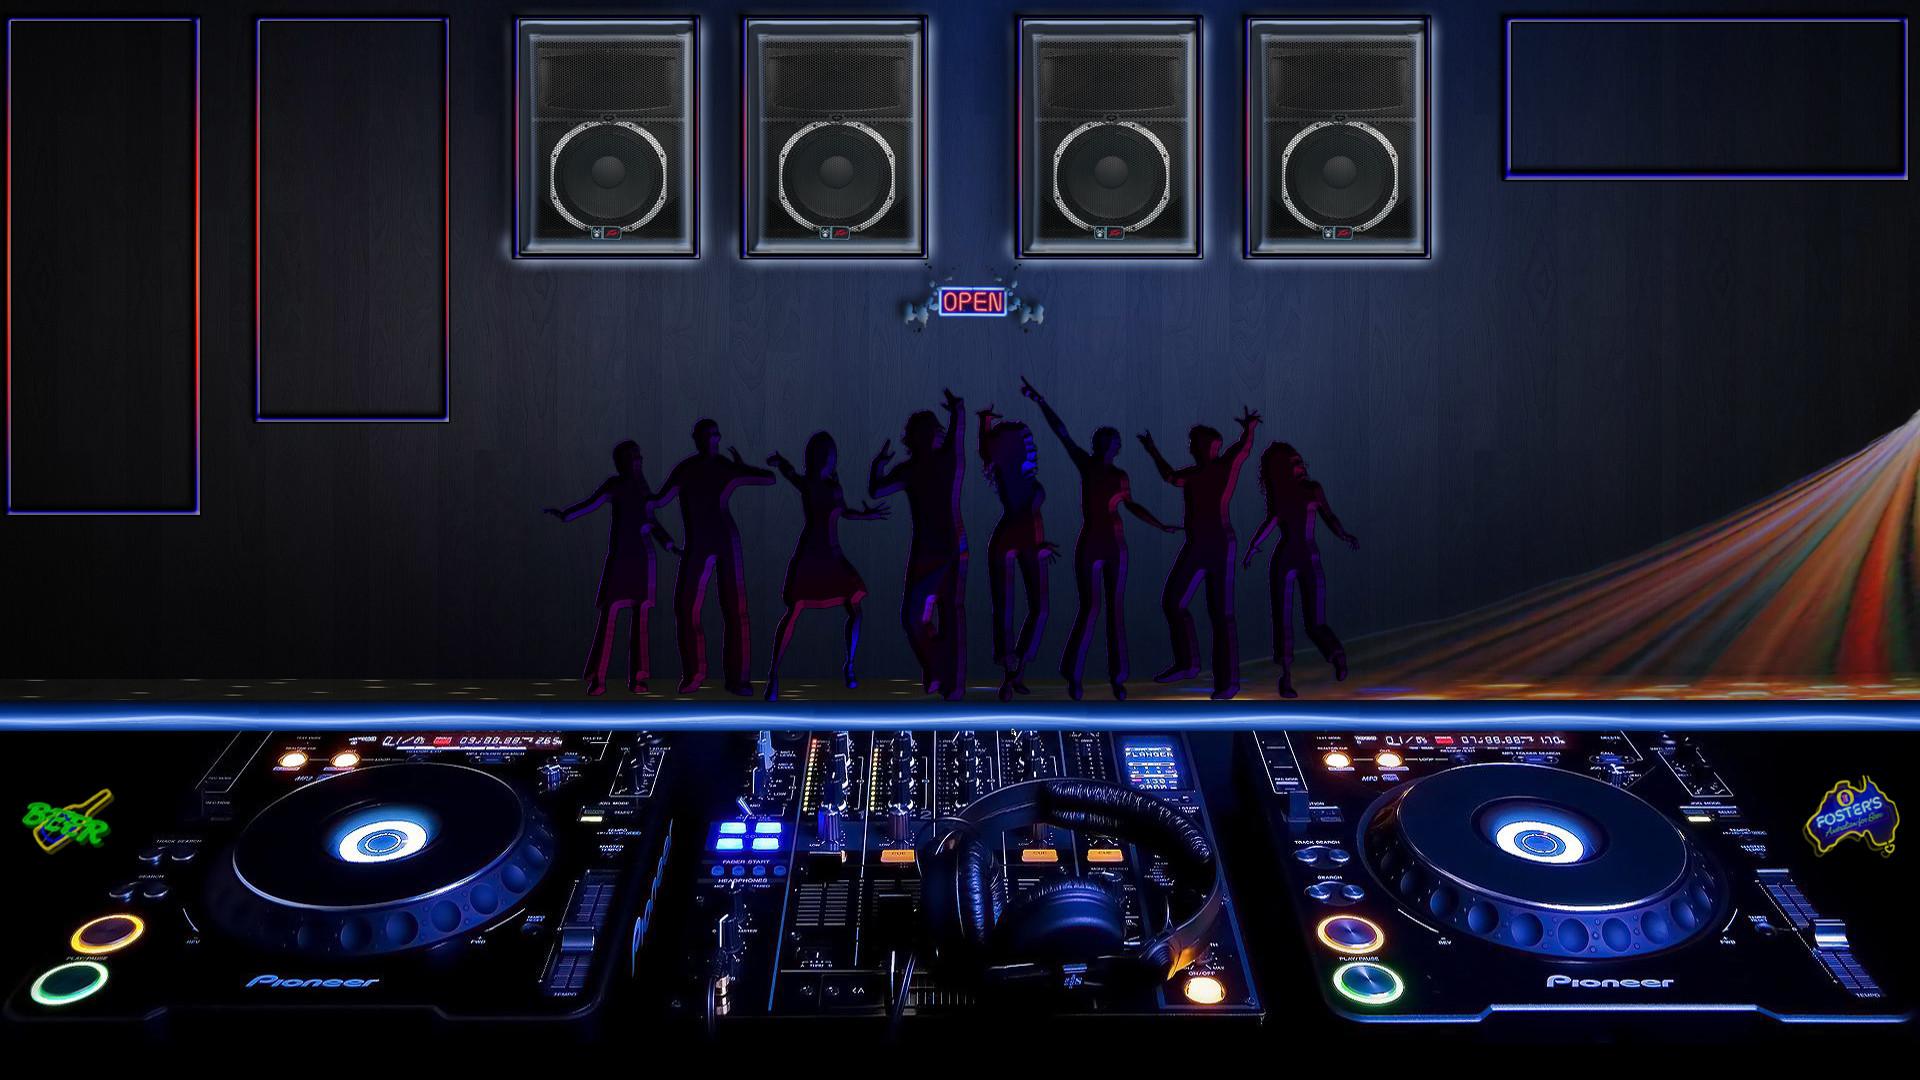 Laptop Dj tiesto Wallpapers HD, Desktop Backgrounds 1600×1200 DJ Wallpapers  1366×768 · Music ProductionHd …